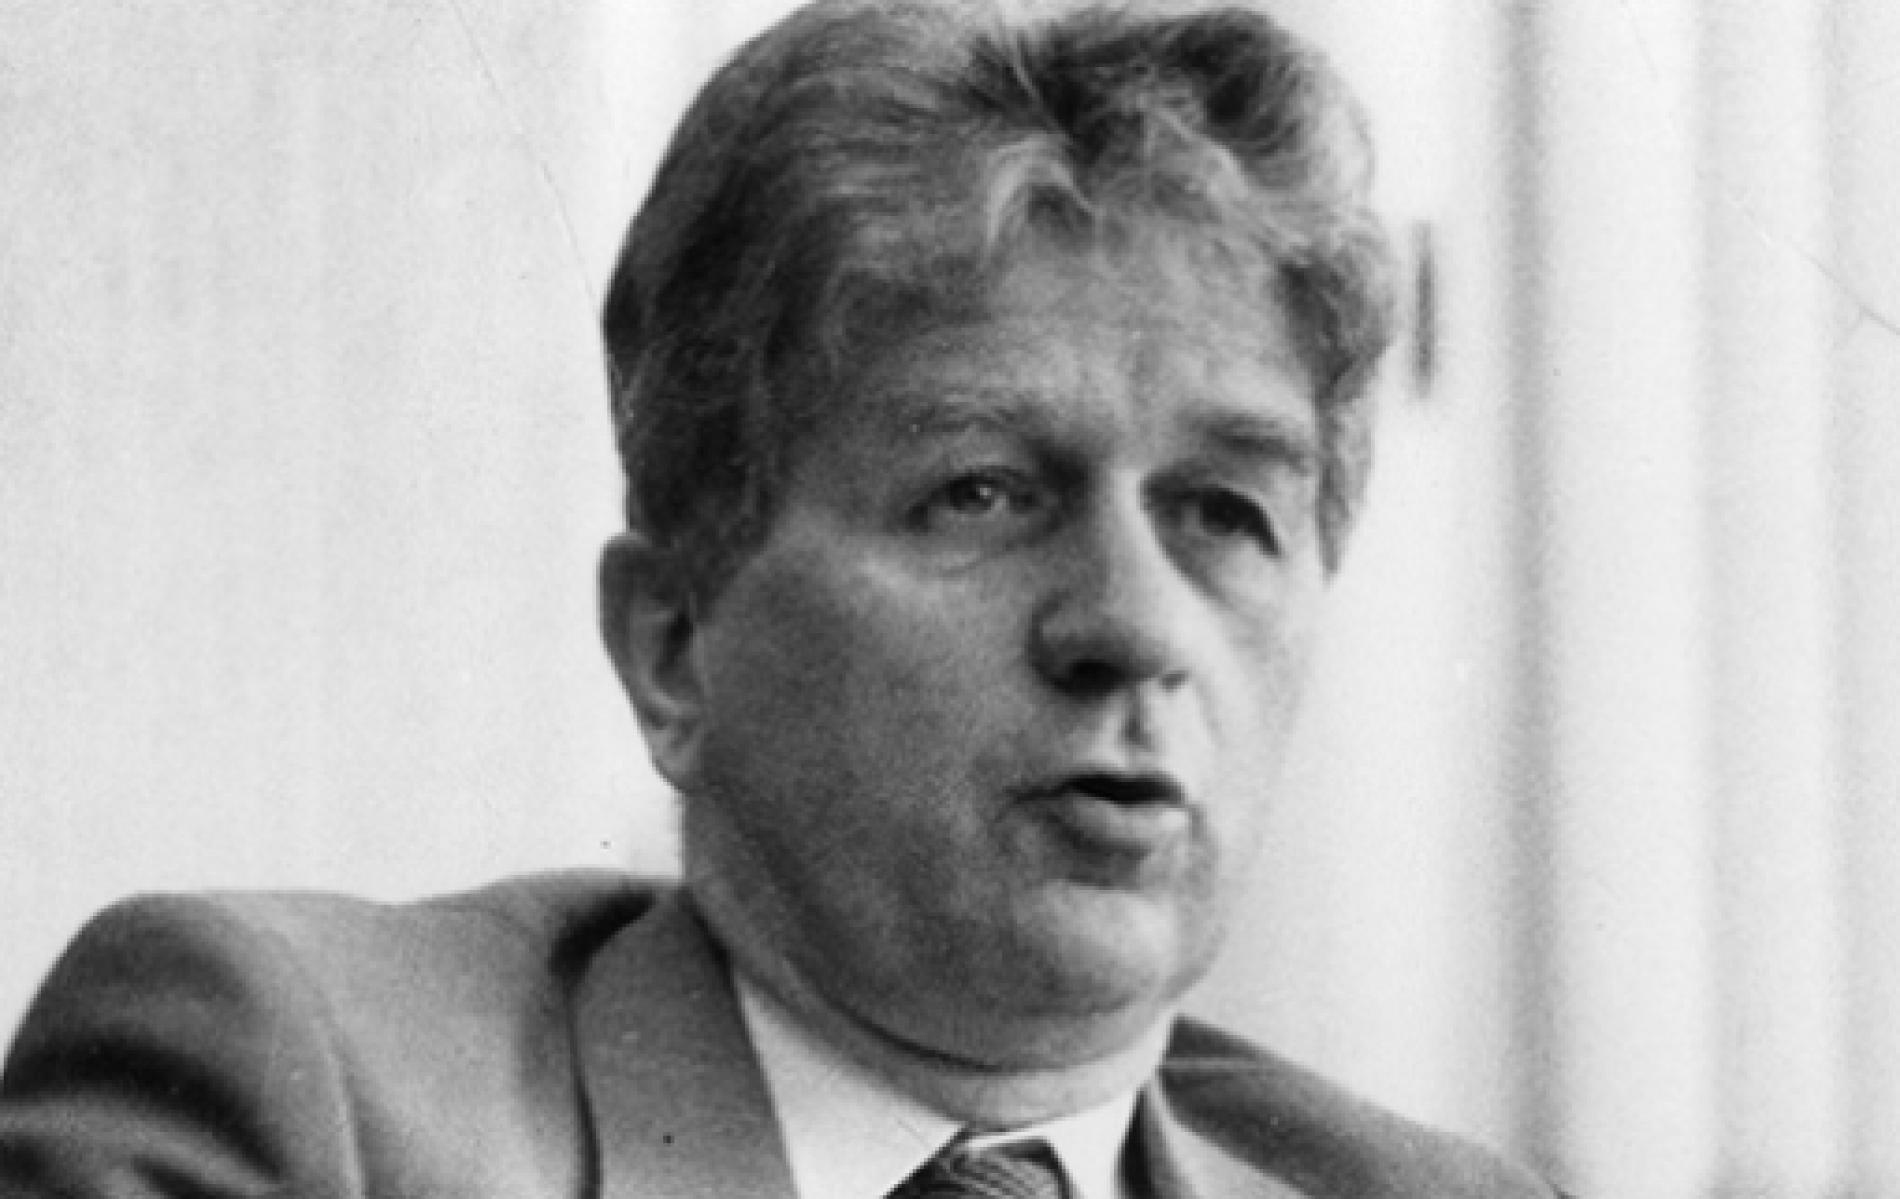 25 godina od ubistva Hakije Turajlića, potpredsjednika Vlade RBiH